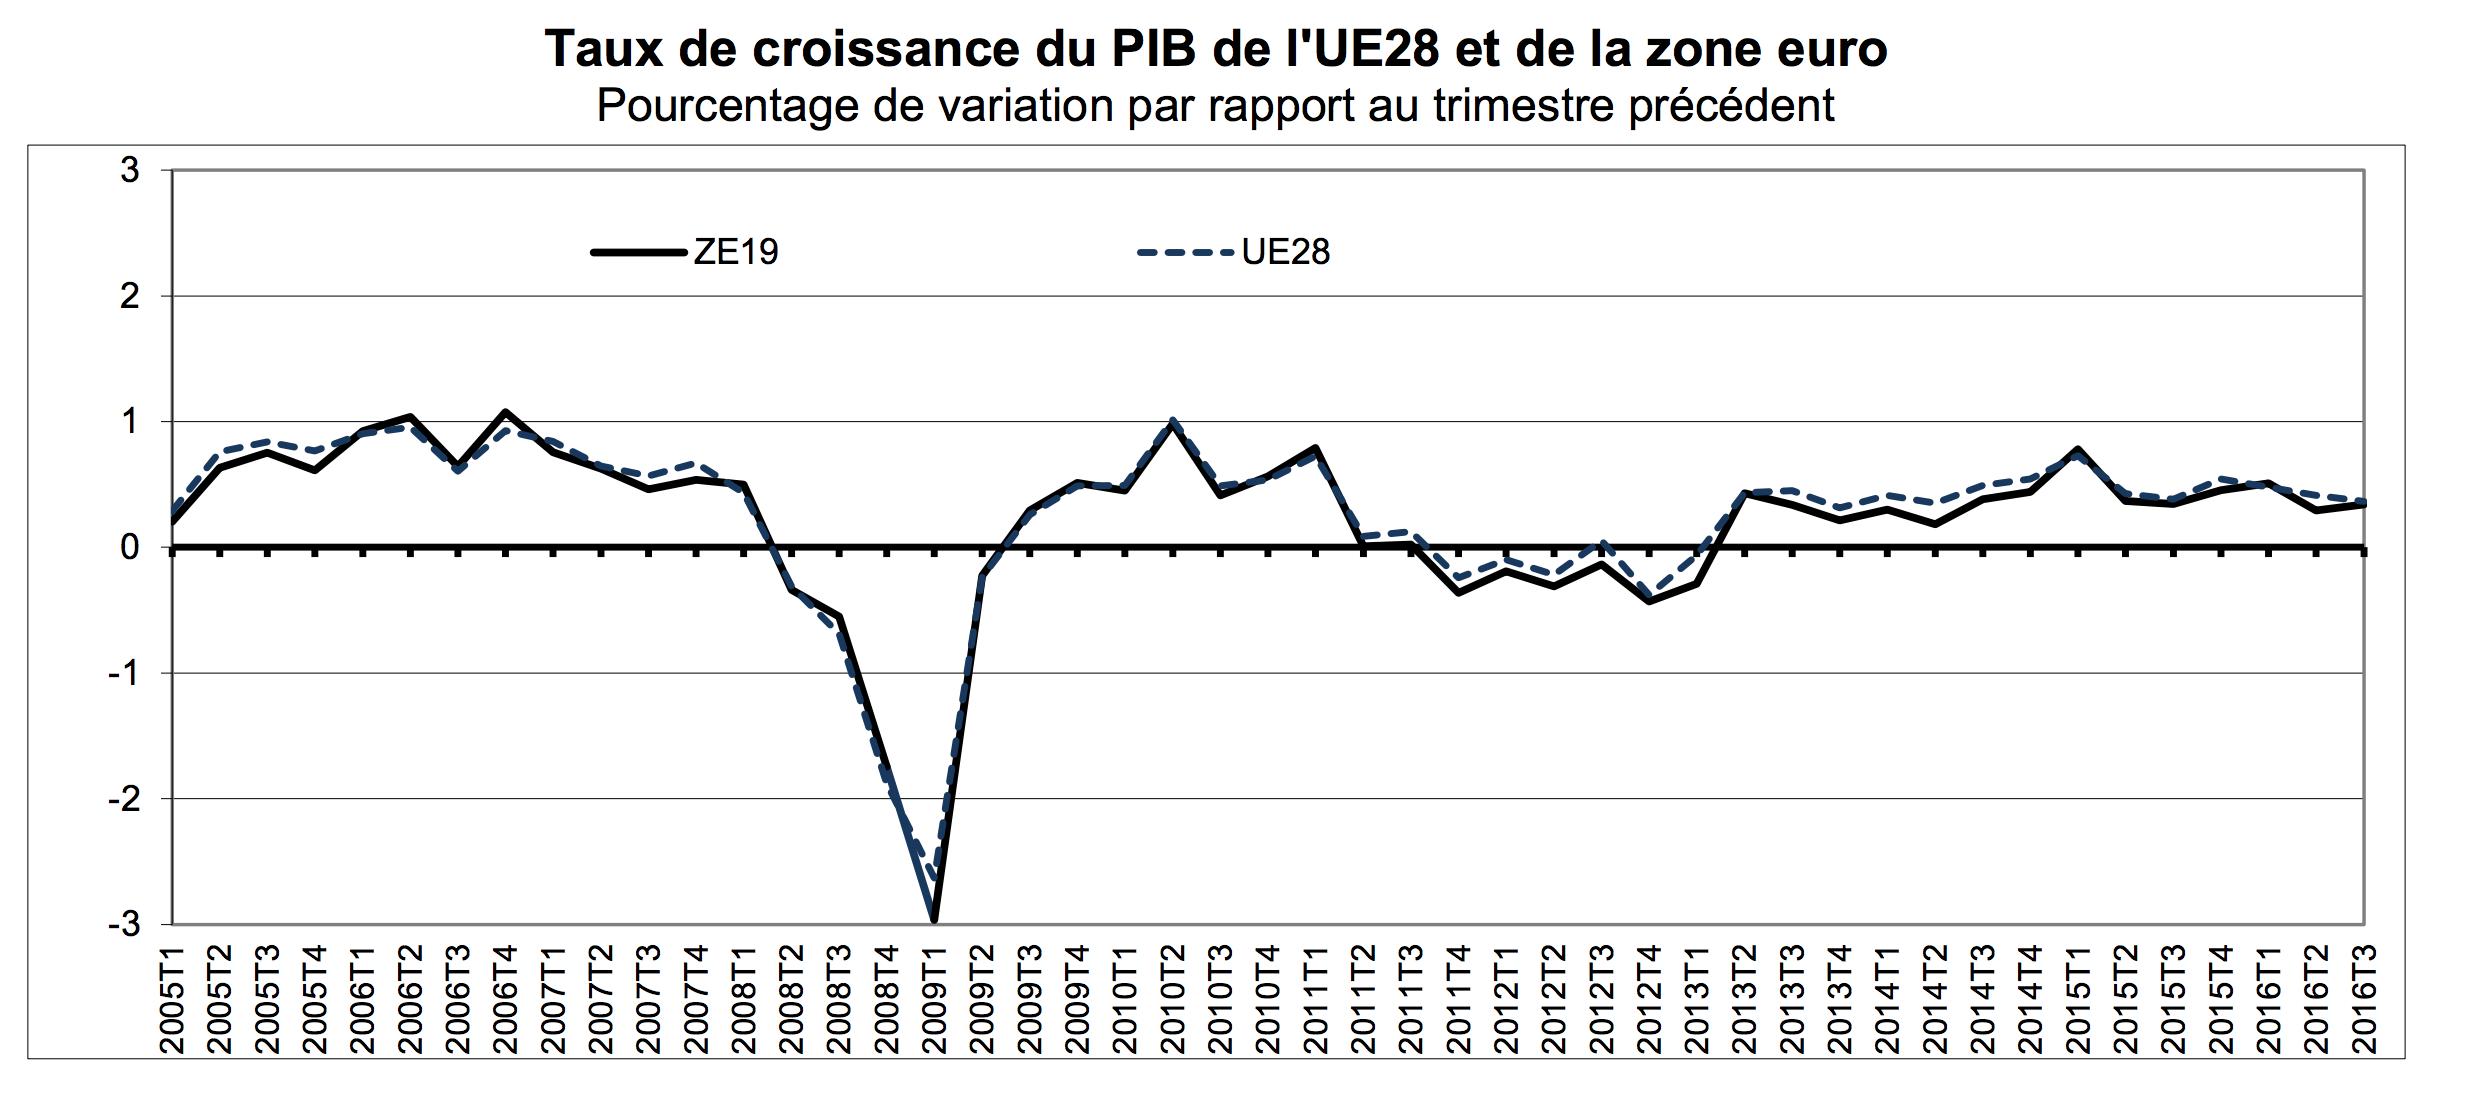 Taux de croissance du PIB europe